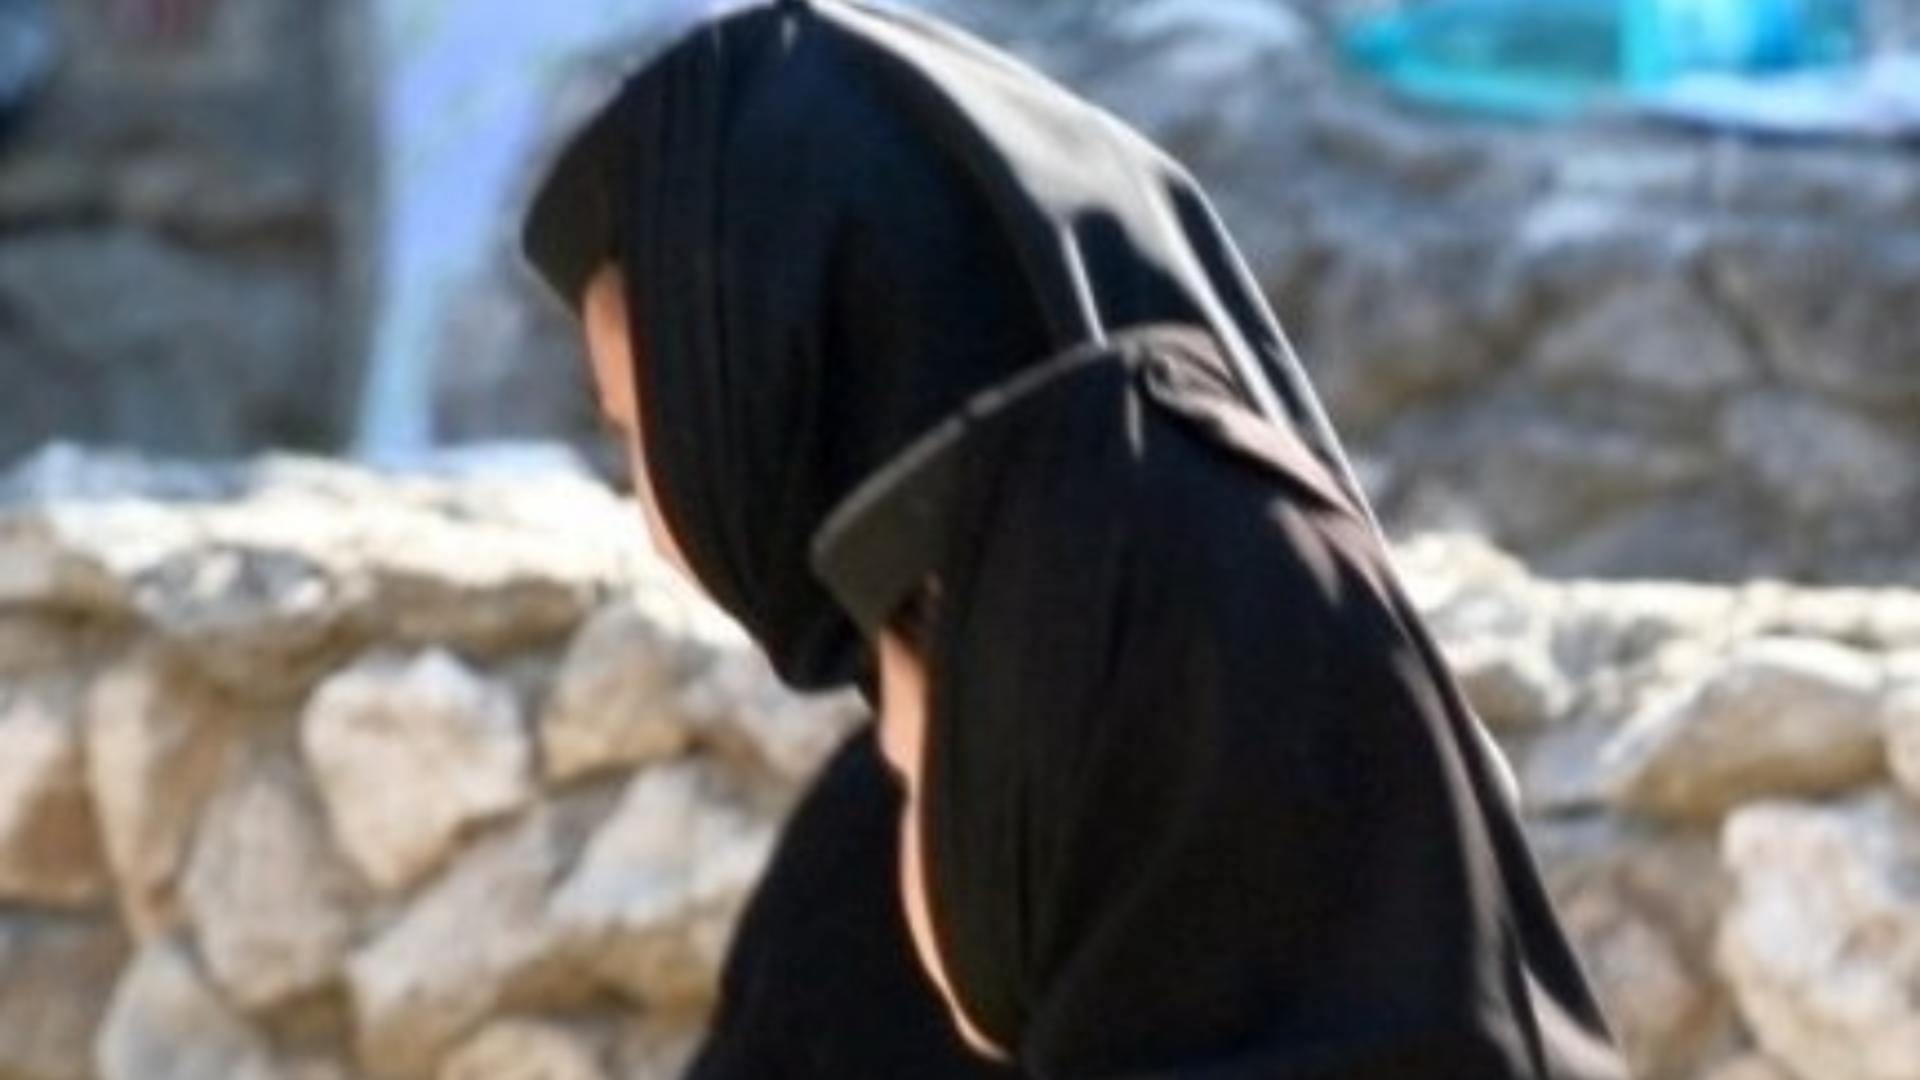 Un cerșetor a găsit o modalitate surprinzătoare de a face bani: s-a îmbrăcat în haine de măicuță